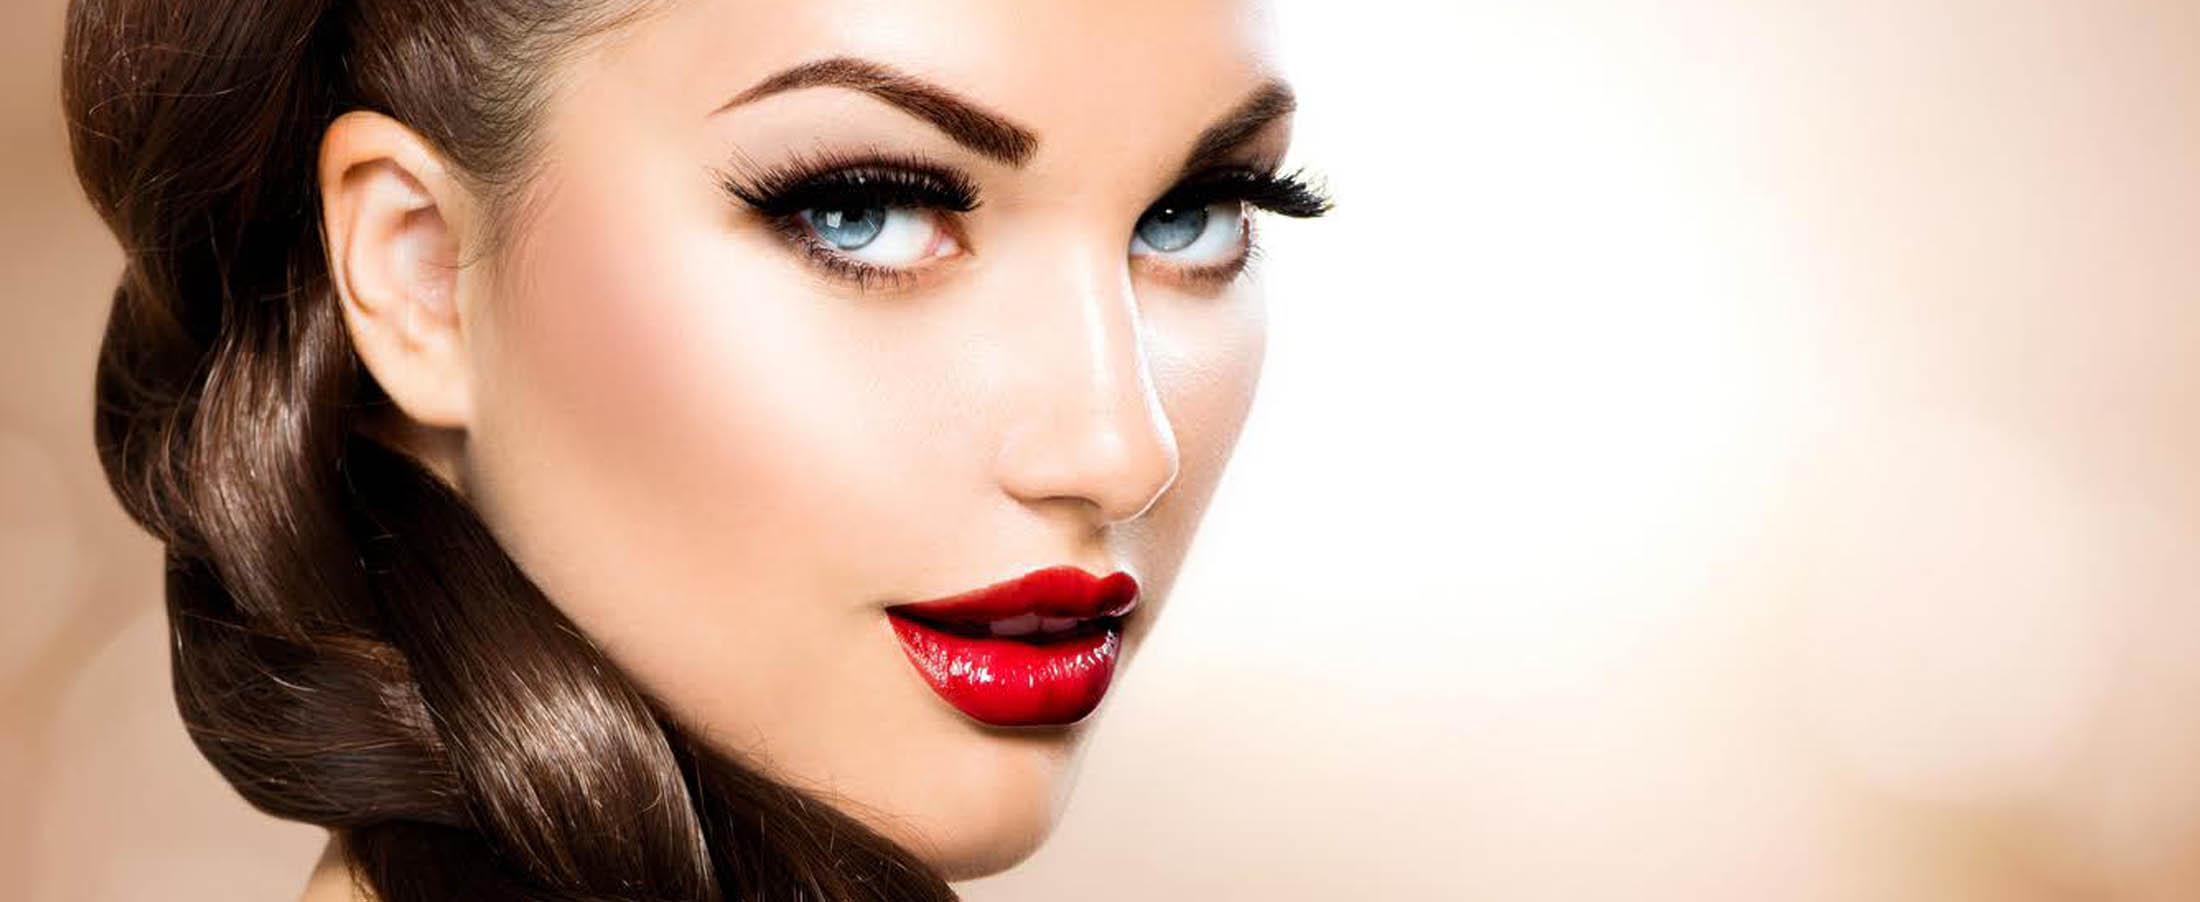 Corsi liberi di make-up alla scuola di estetica Bea di Rivalta di Torino